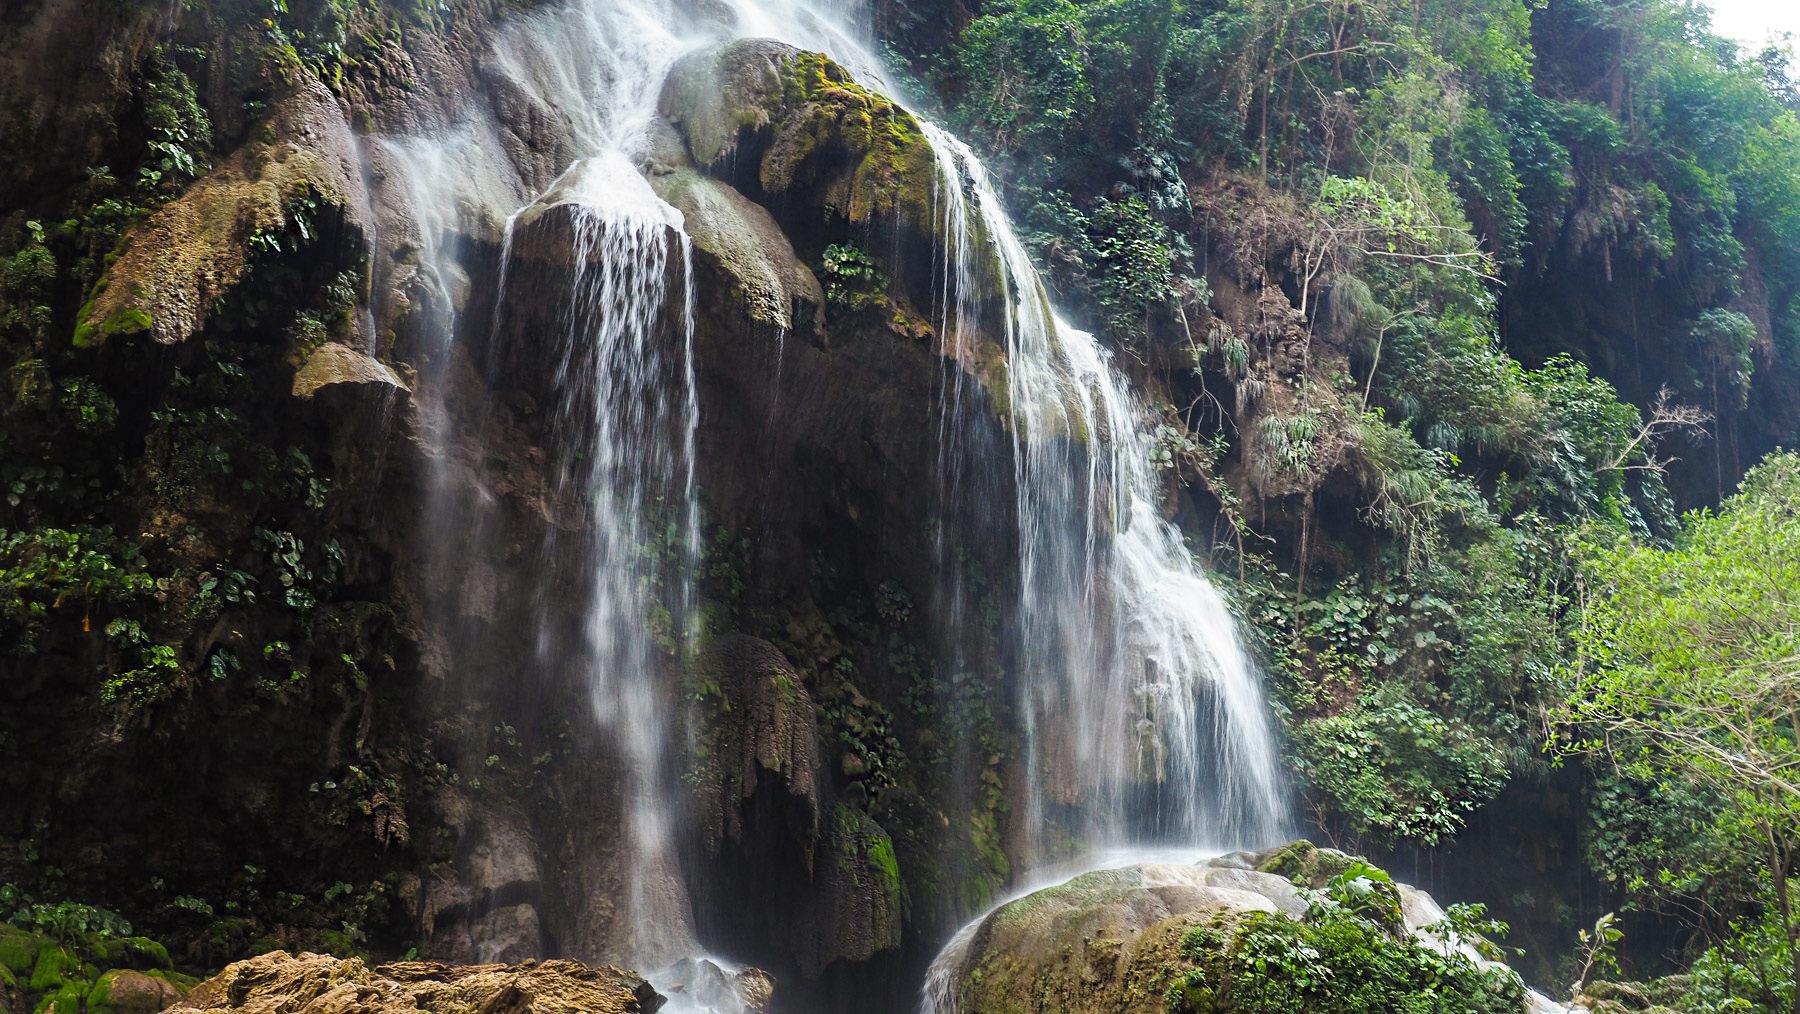 Kurze Wanderung zu einem schönen Wasserfall